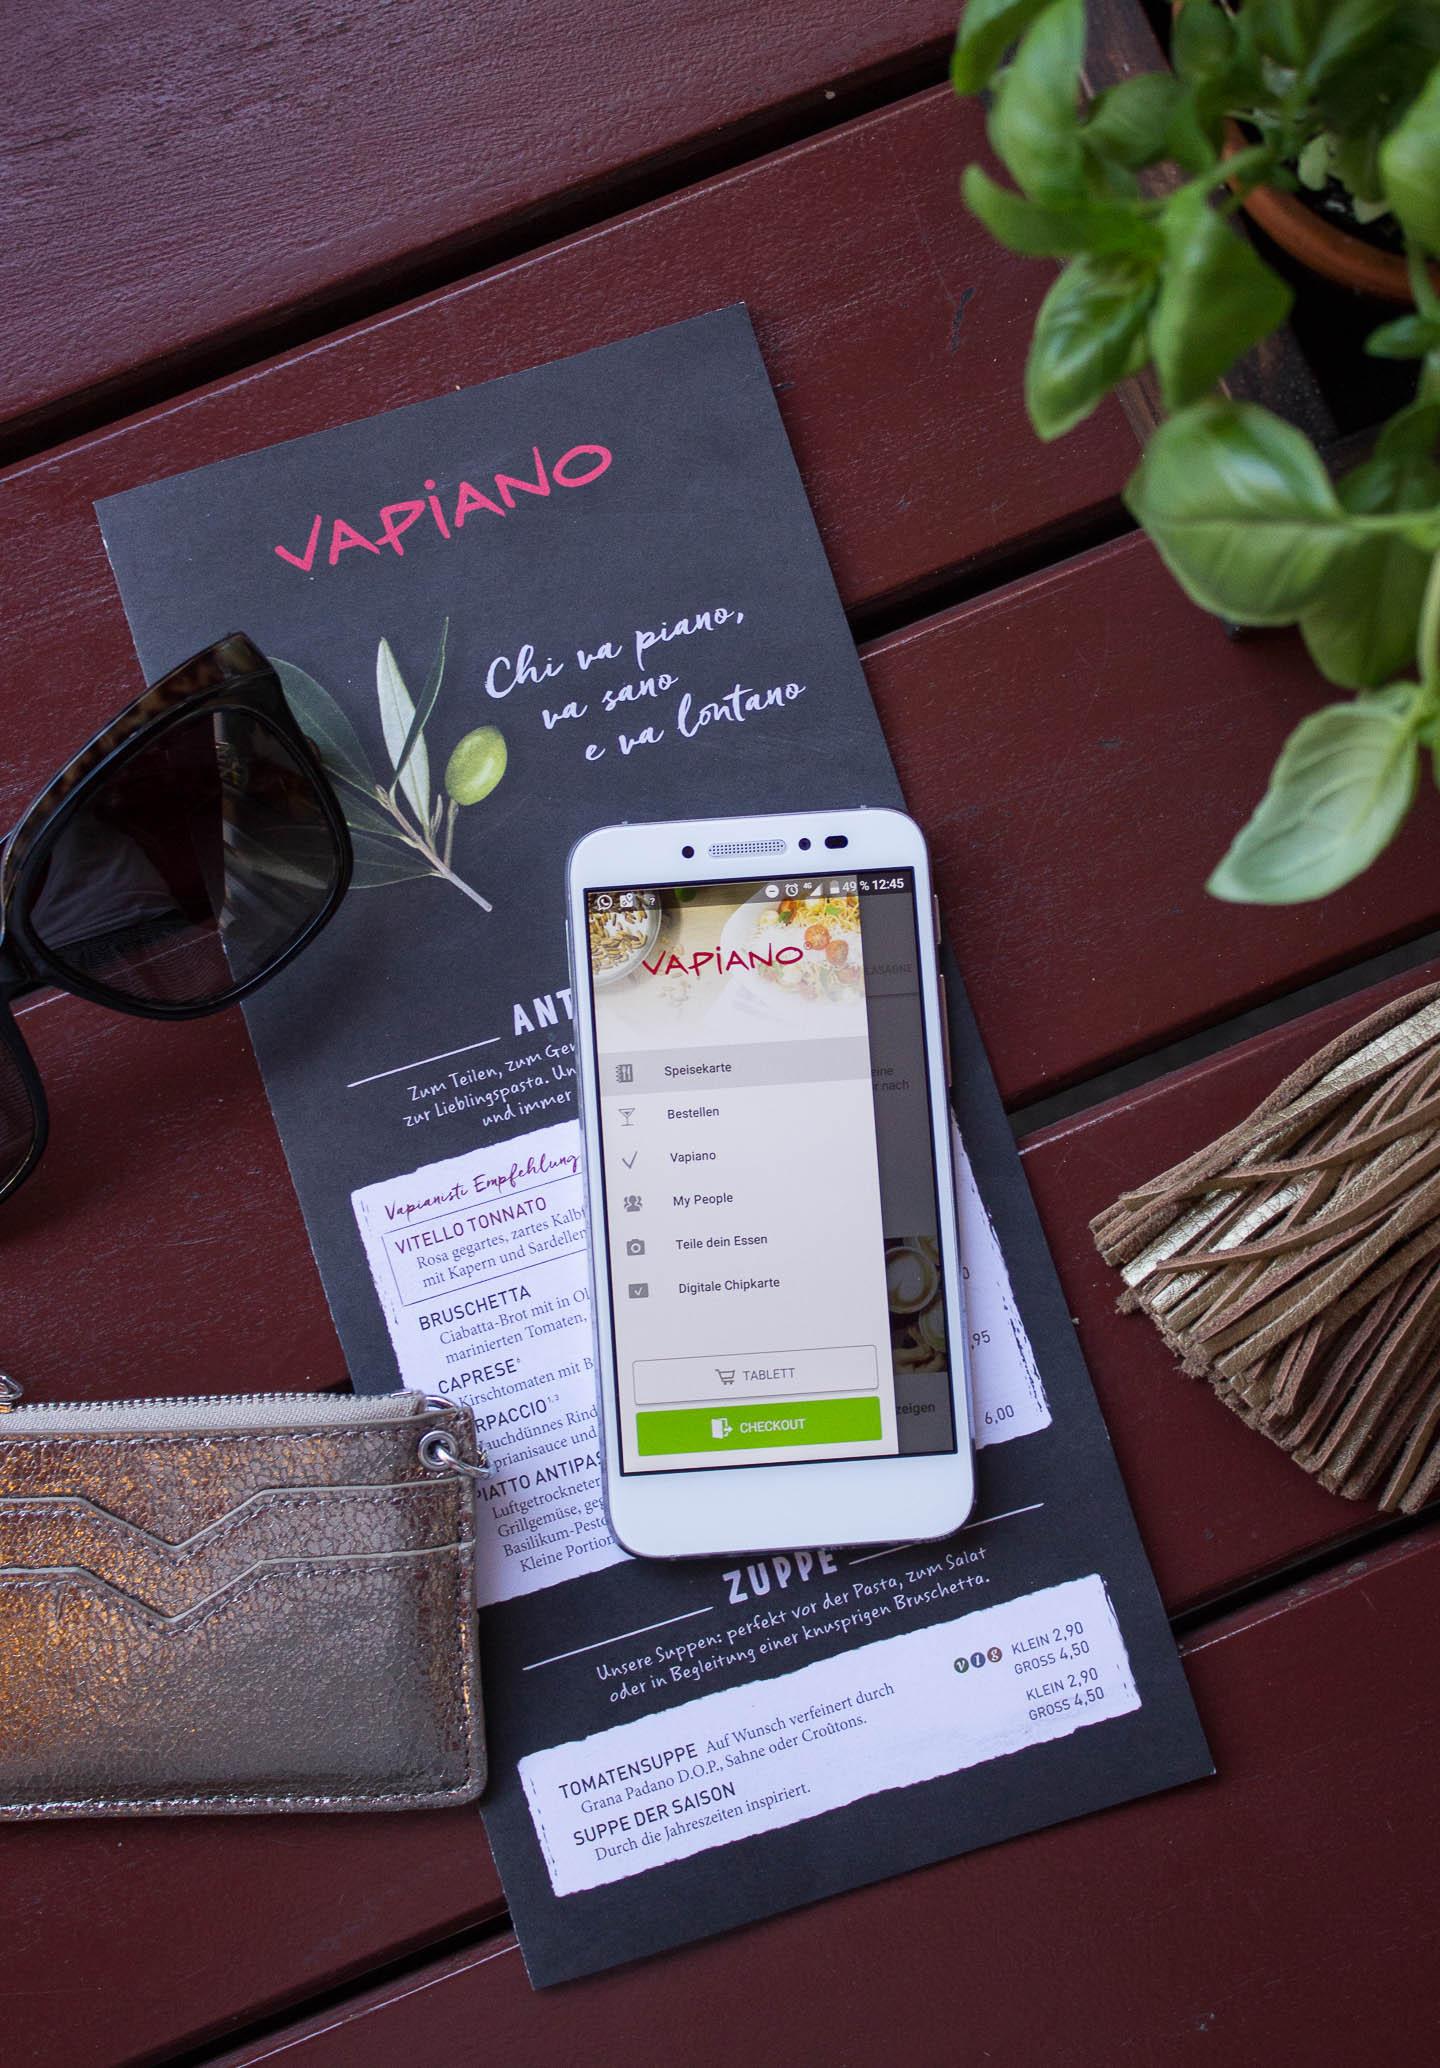 Schnelle Mittagspause bei VAPIANO mit der neuen App